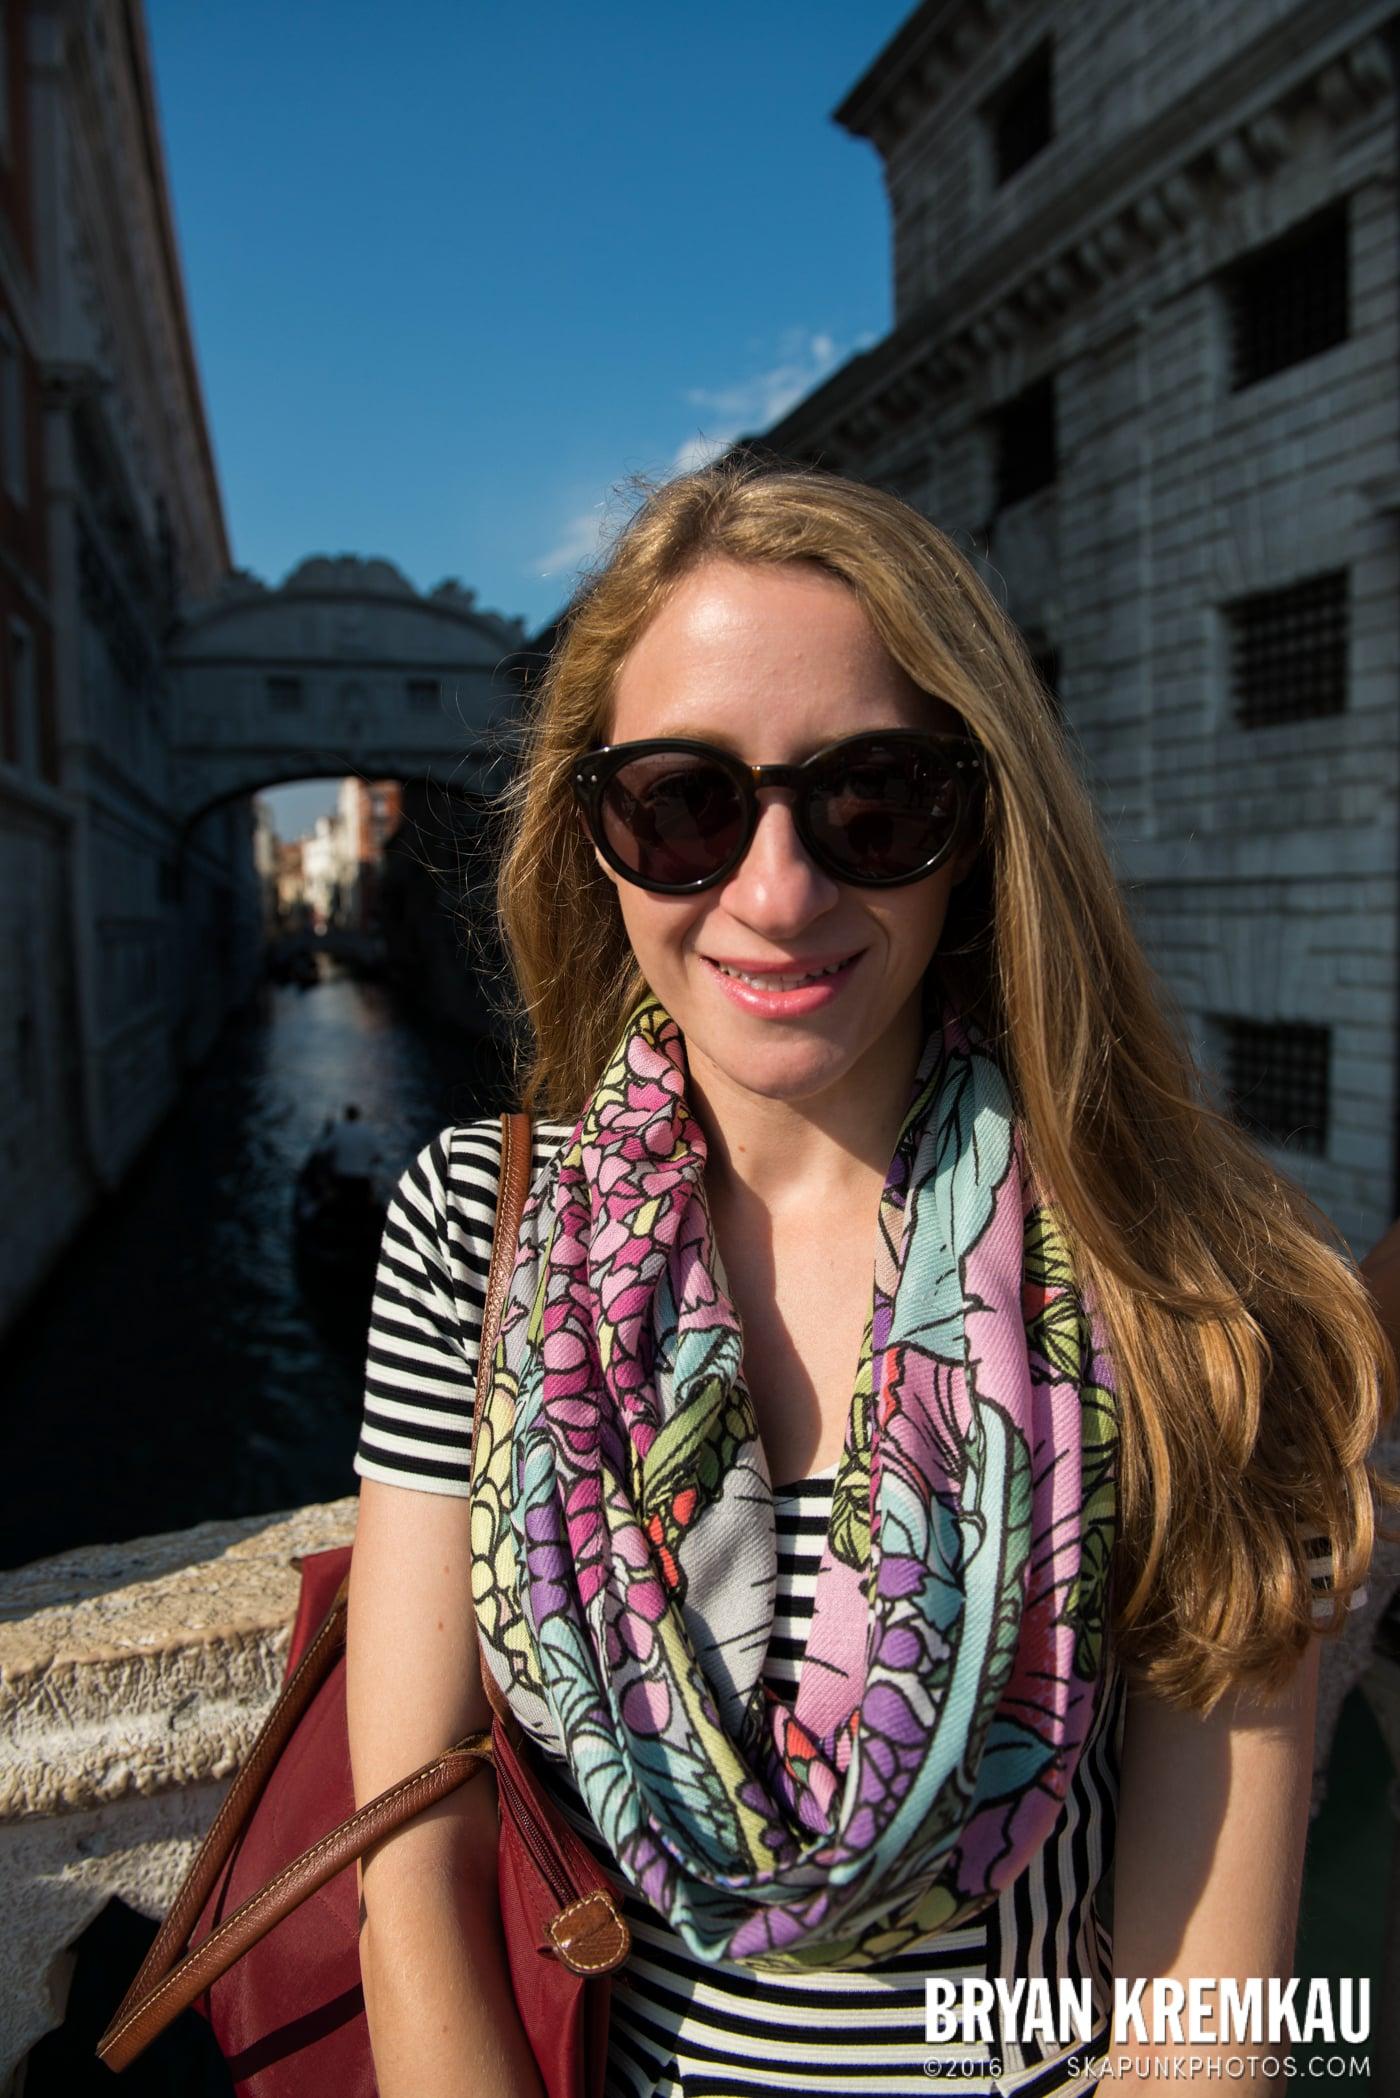 Italy Vacation - Day 5: Venice - 9.13.13 (35)